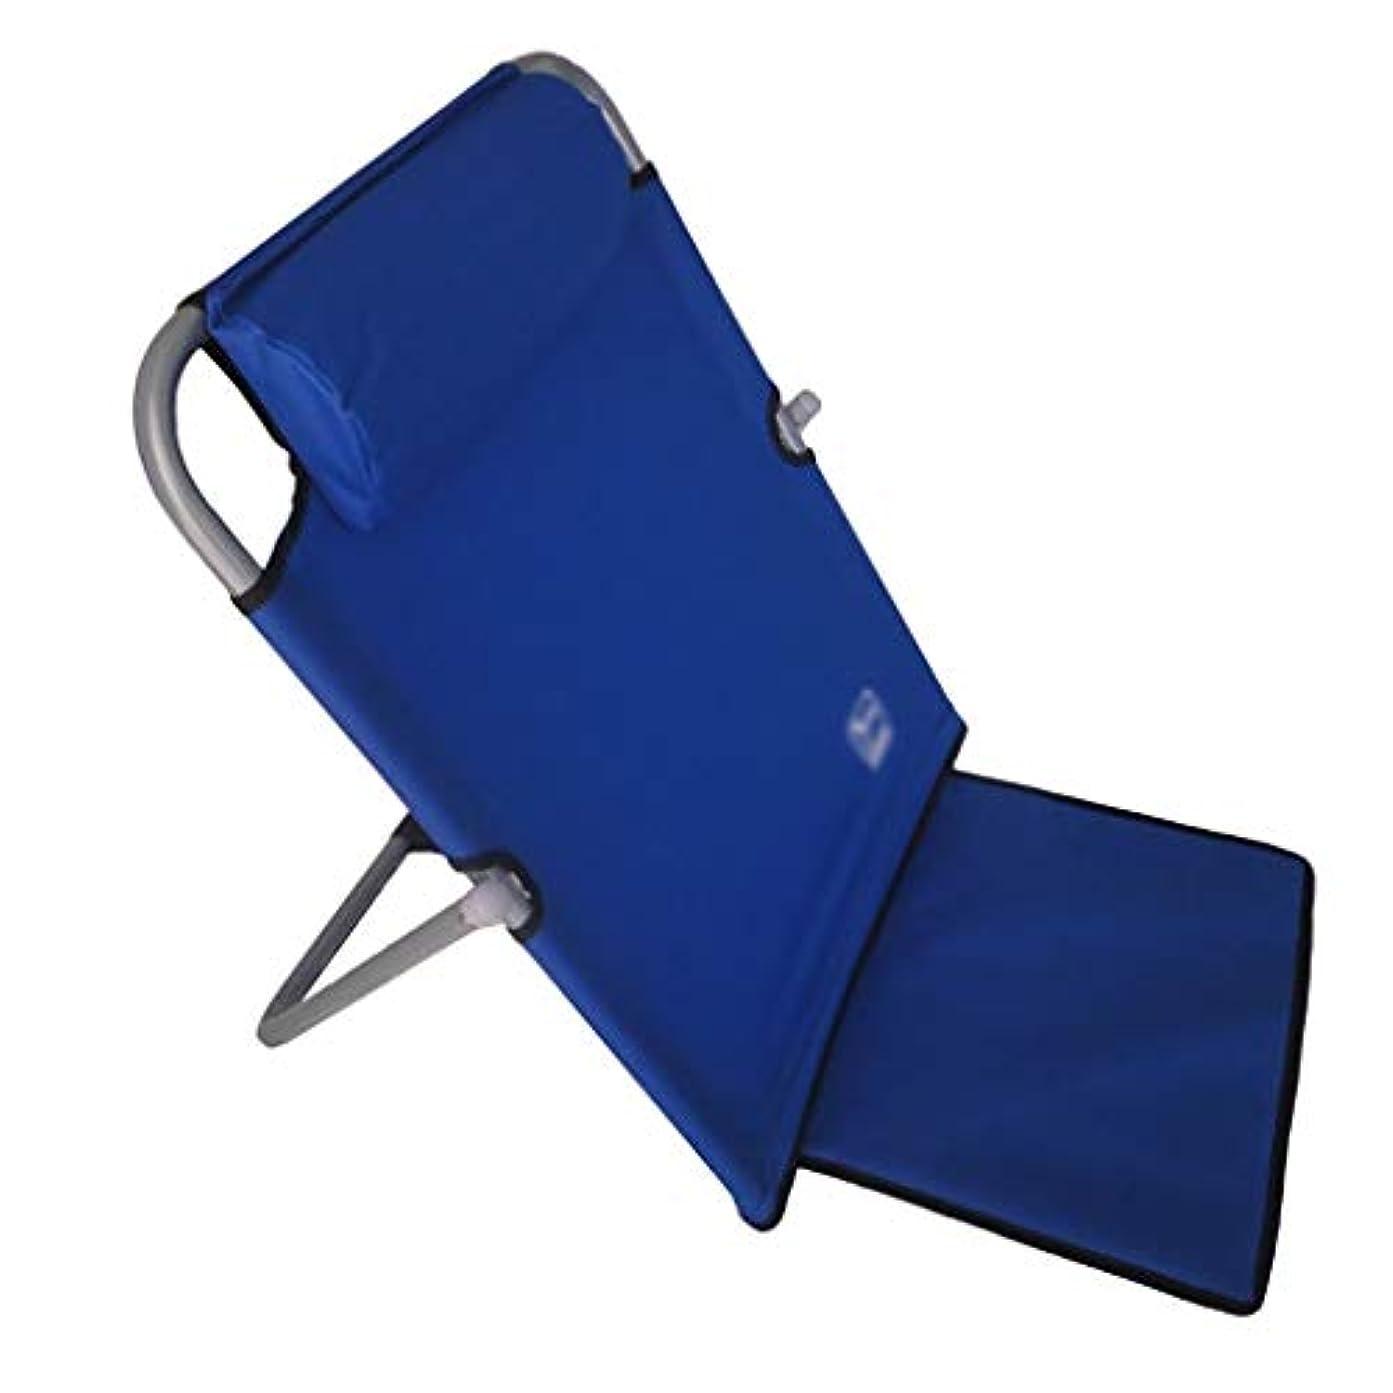 実際隙間錫折りたたみキャンプチェア 調節可能な背もたれ、背もたれサポートの角度を変更して、食事、読書、テレビ視聴などをベッドで、マットレスの上で使用